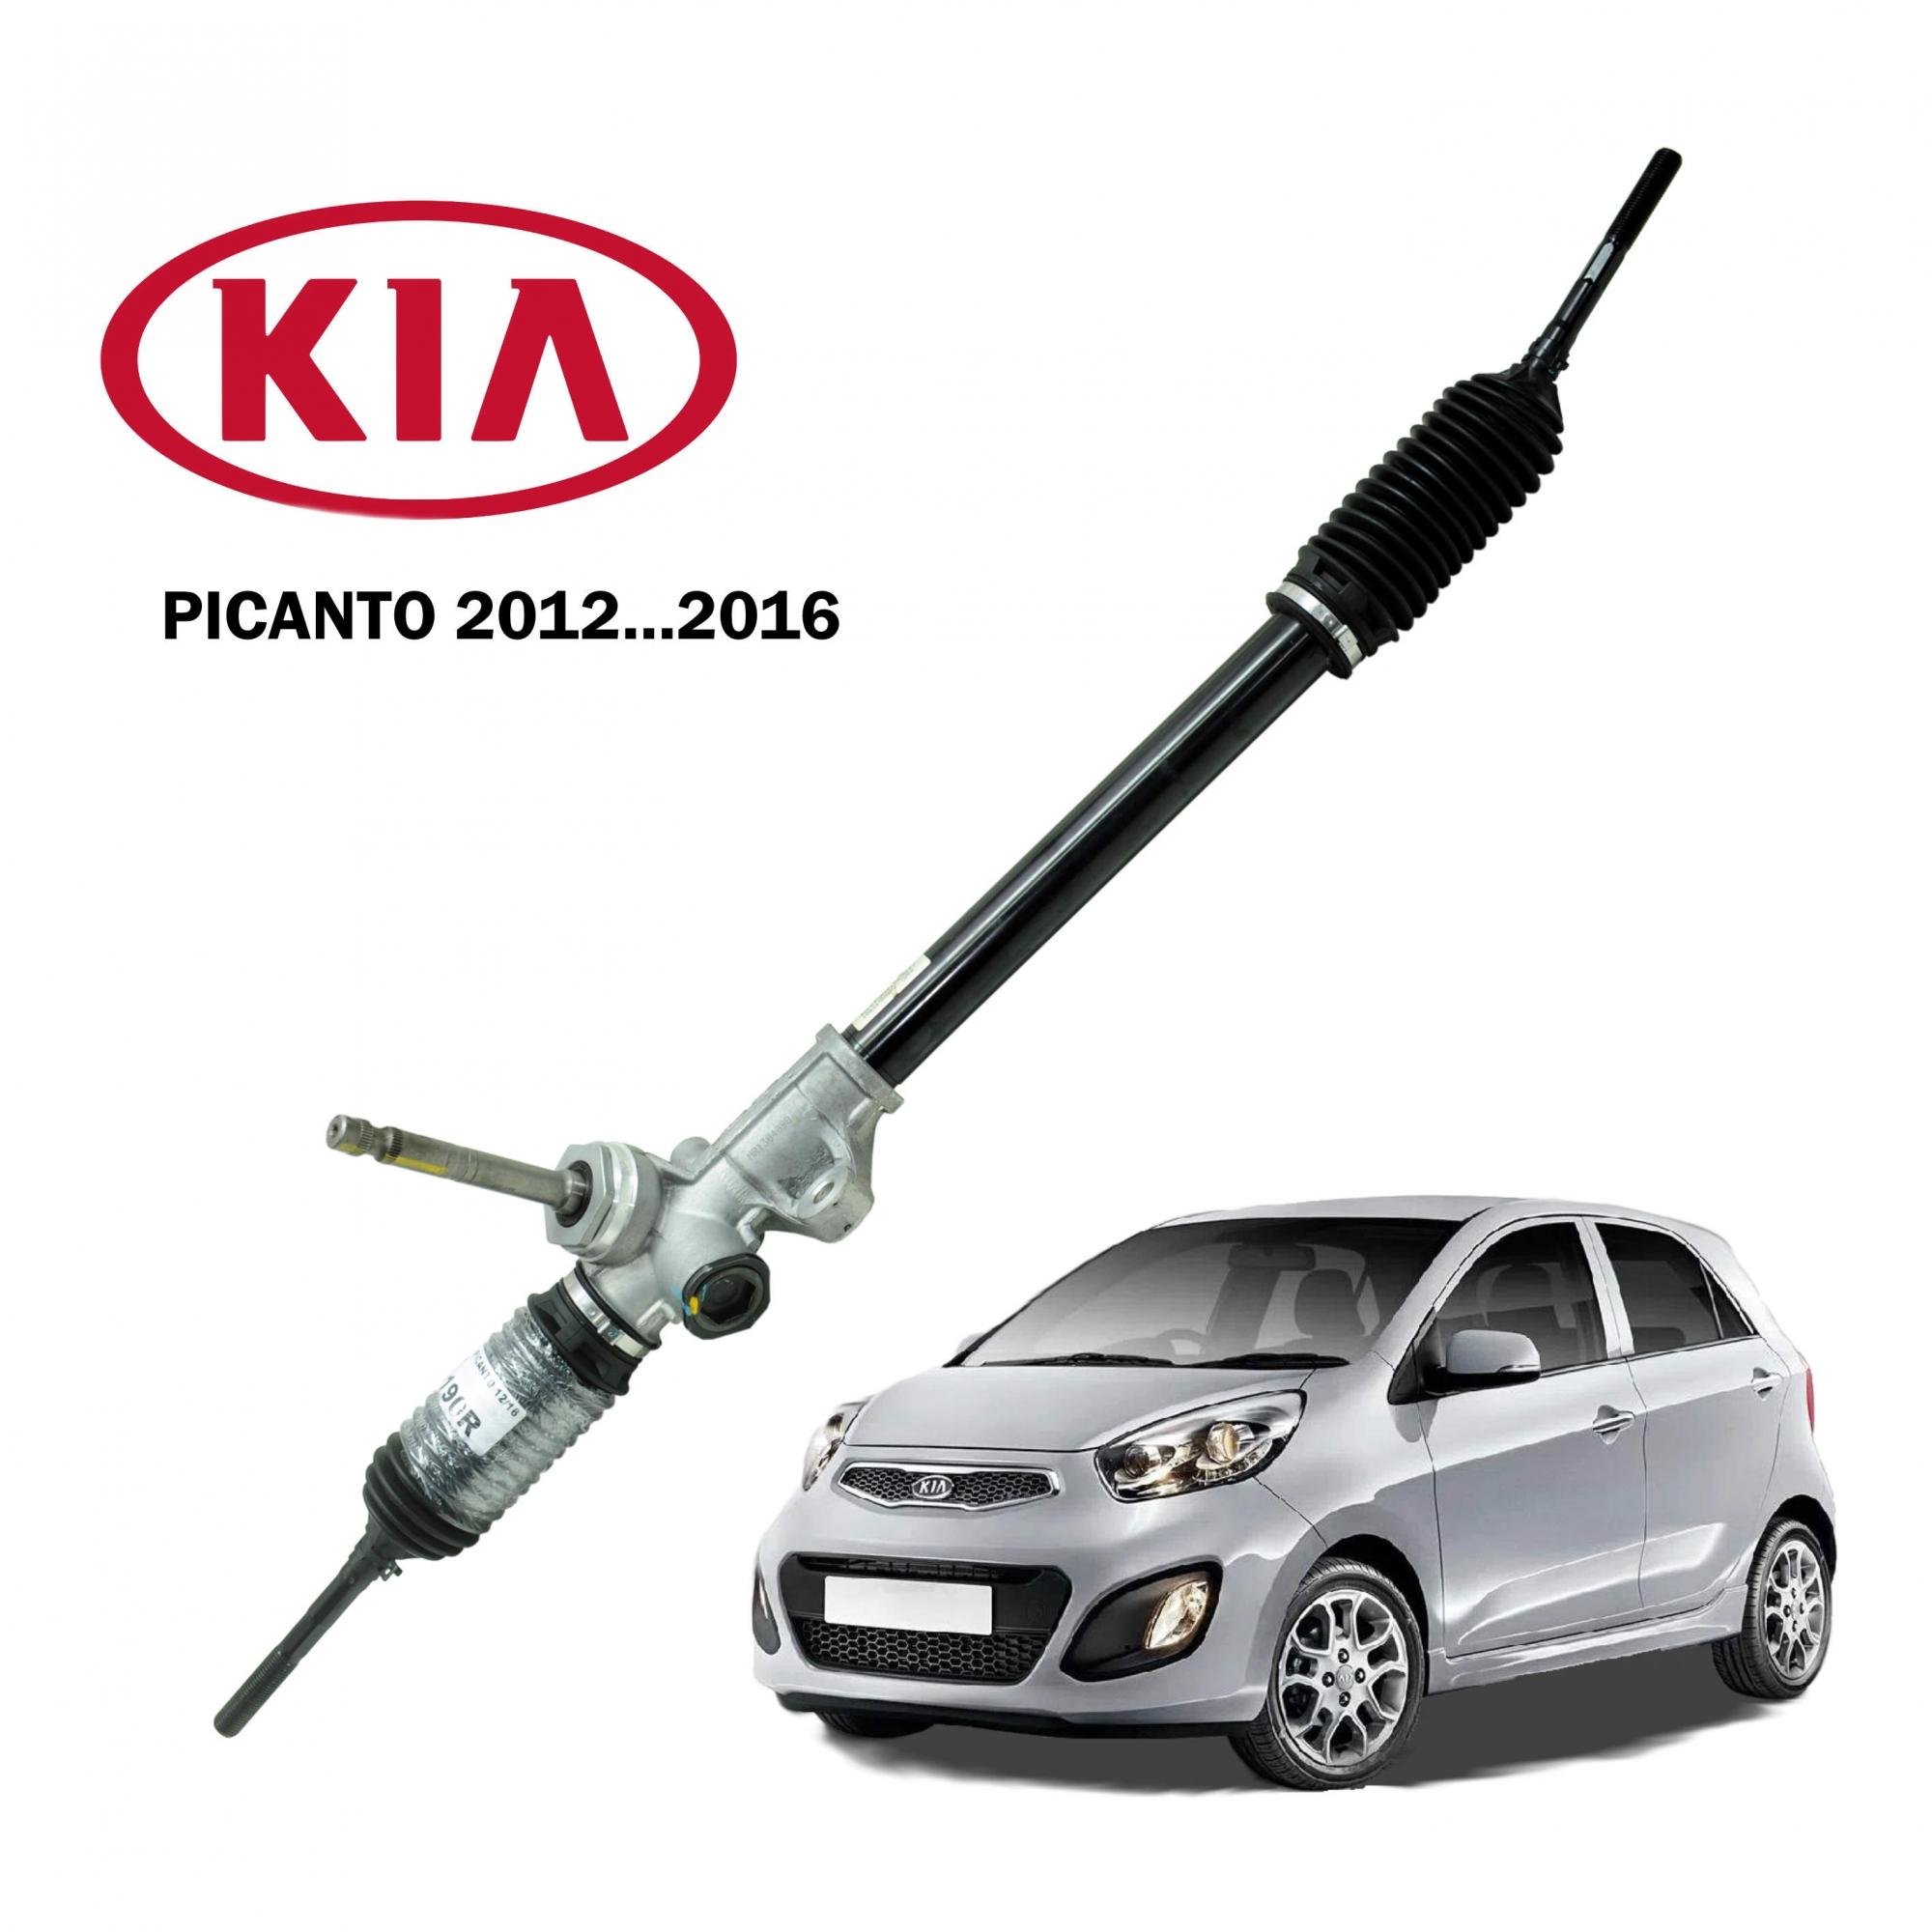 Caixa Direção Mecânica KIA Picanto até 2012...2016 (Sistema Elétrico)